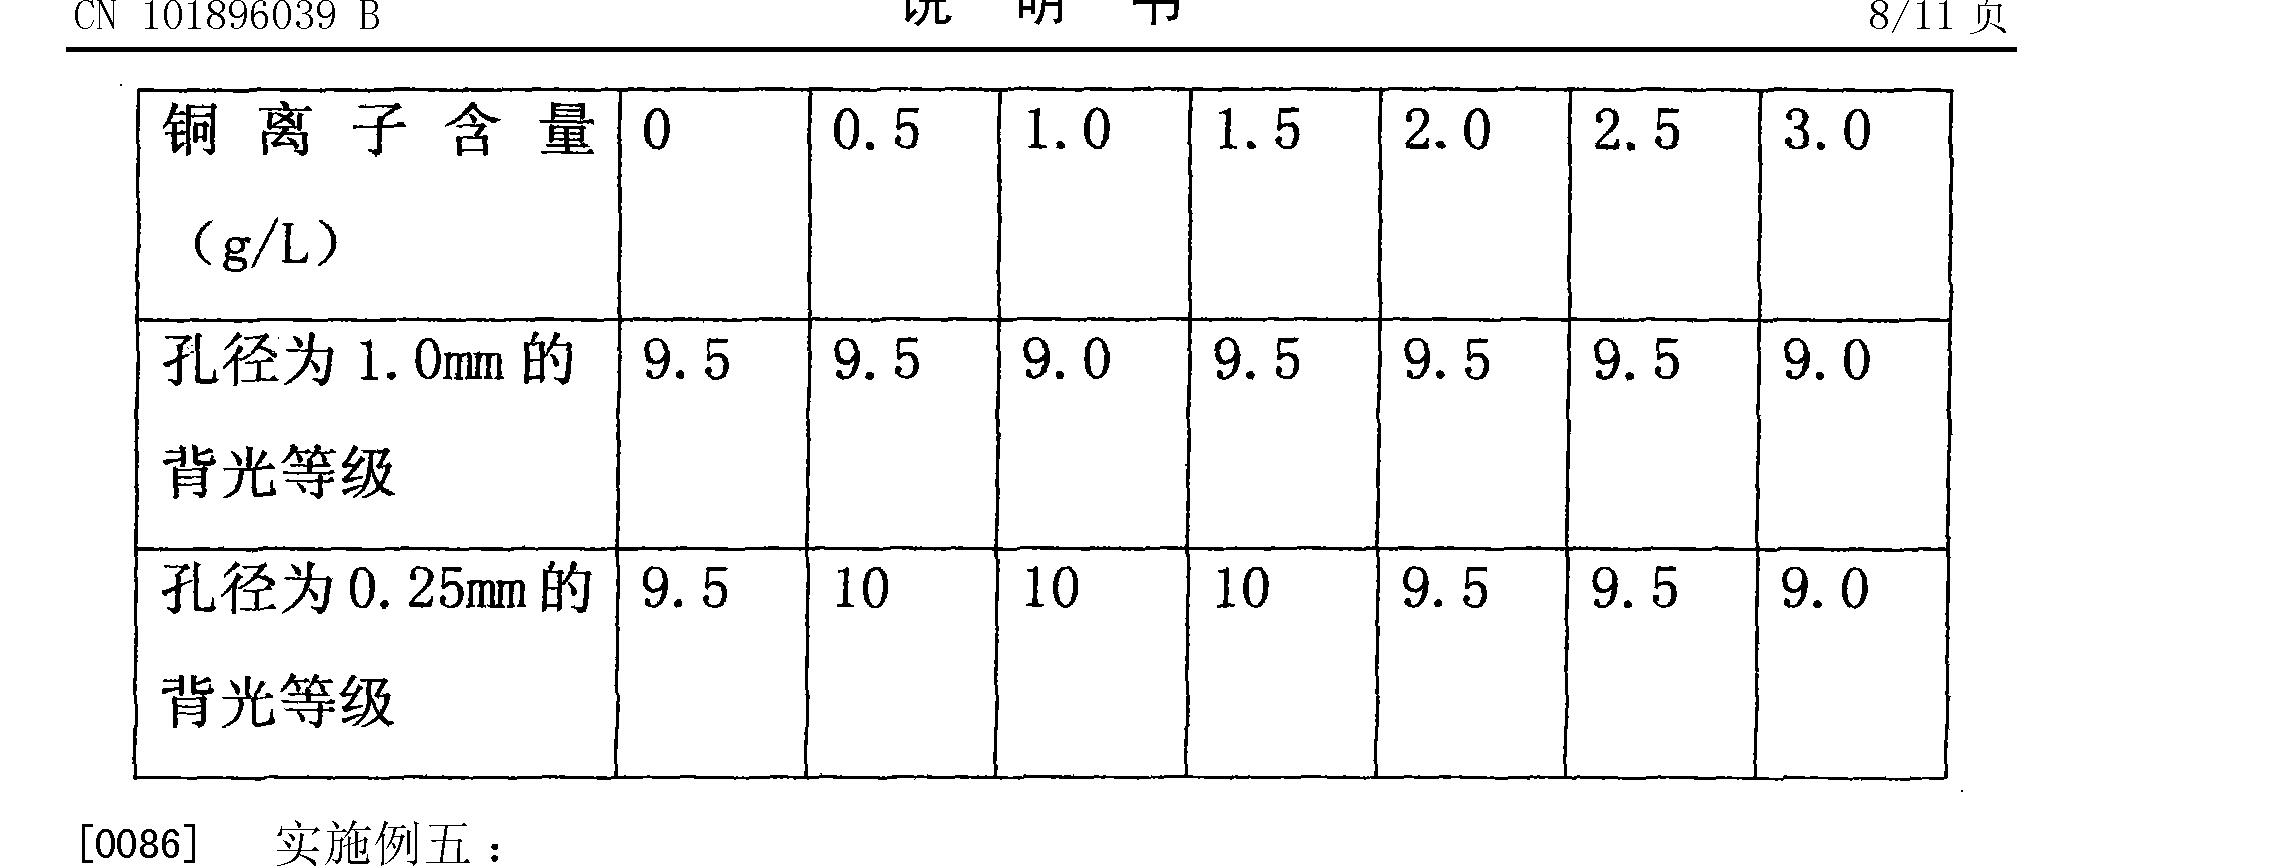 Figure CN101896039BD00101